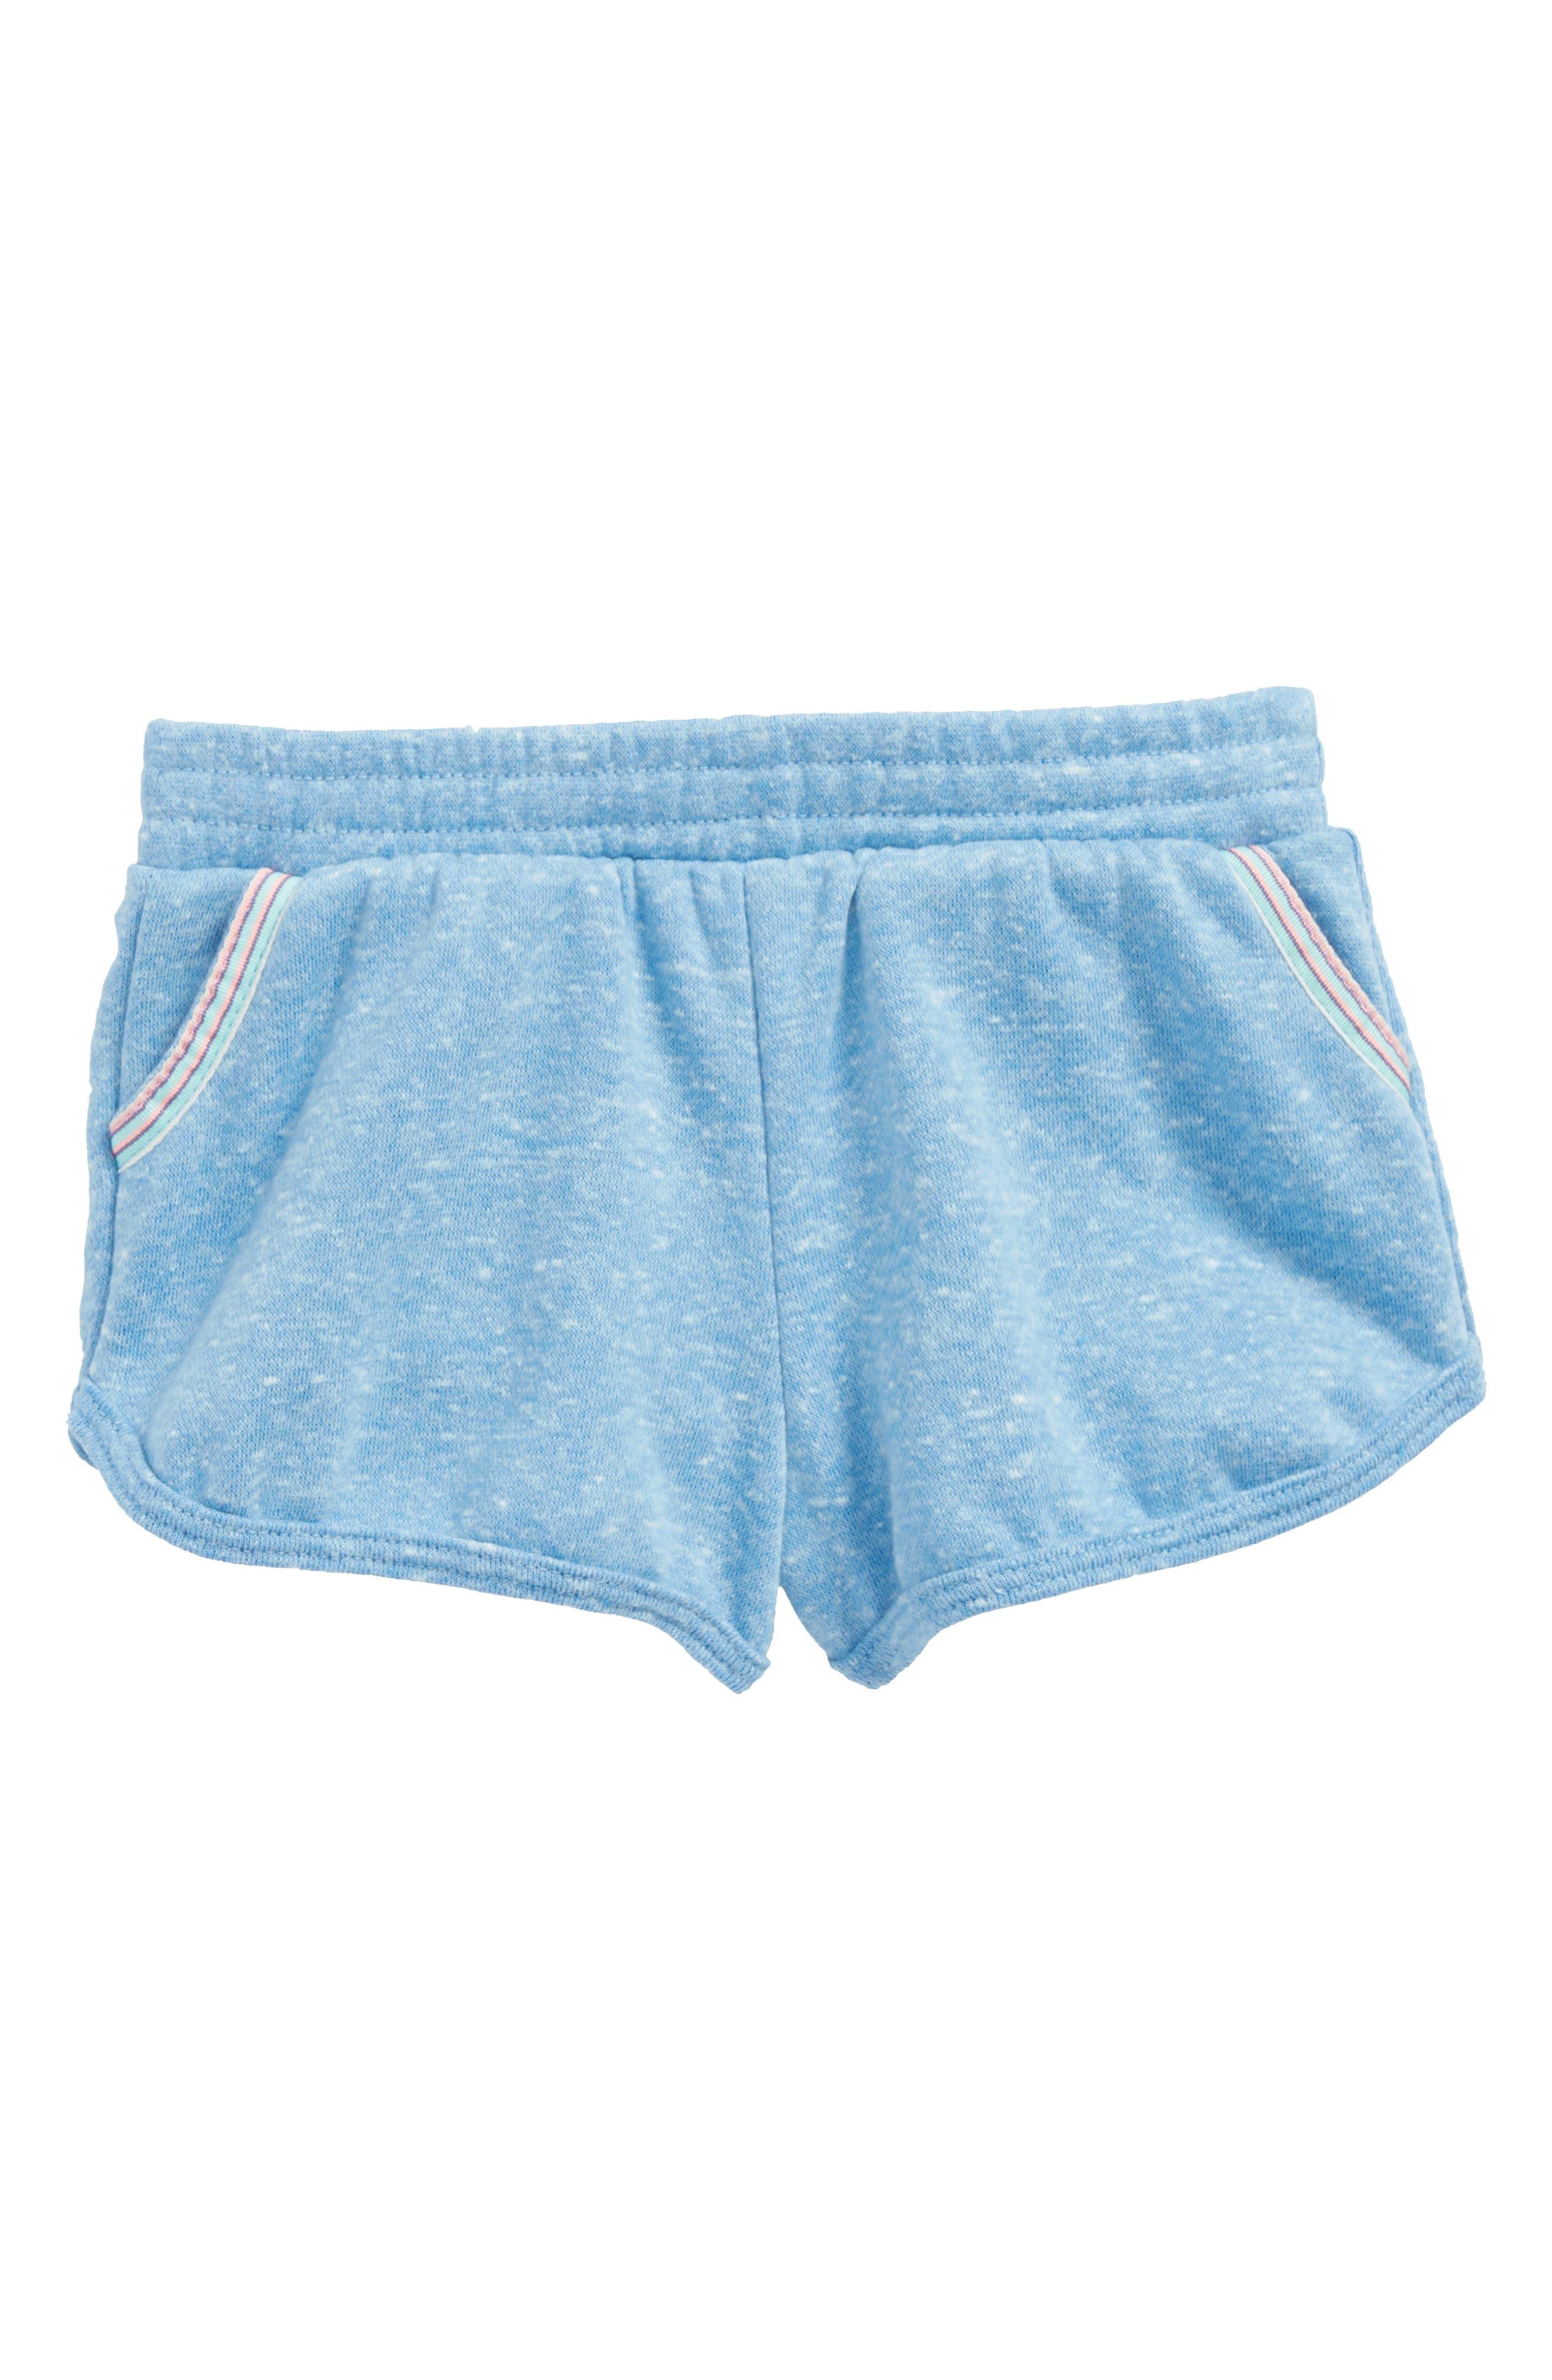 Peek Go Go Shorts (Toddler Girls, Little Girls & Big Girls)